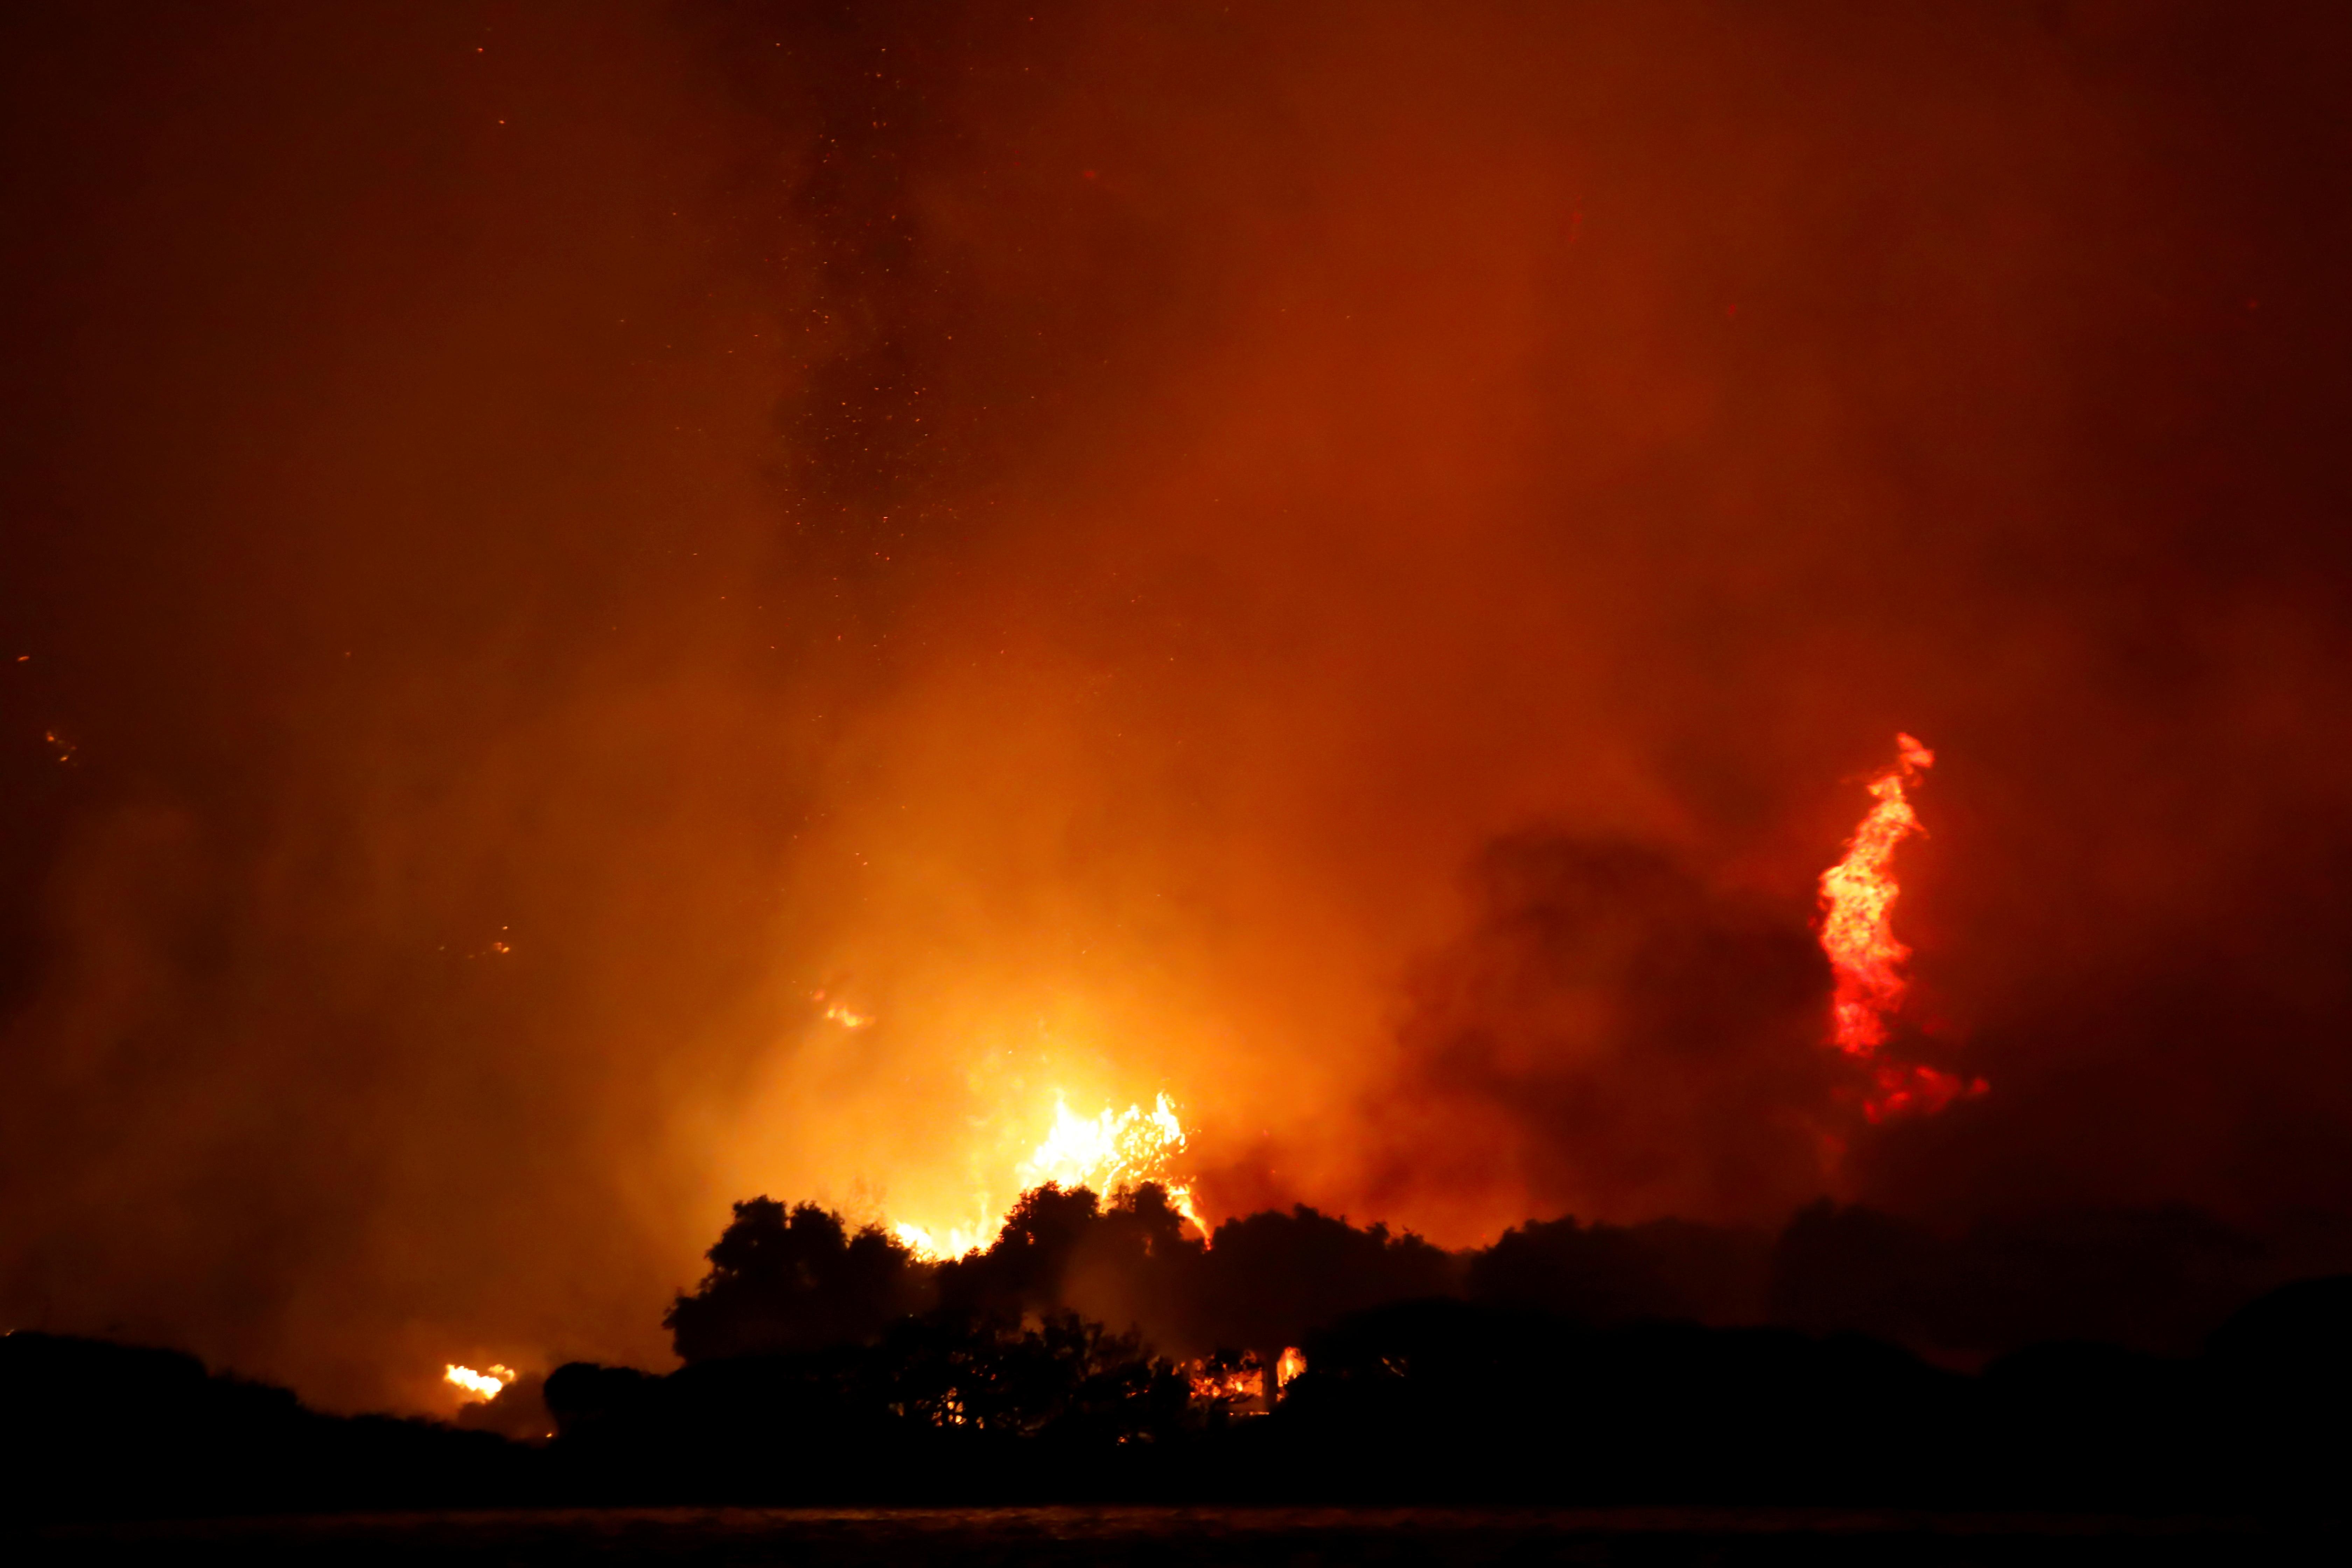 Naktinis dangus tampa oranžinis, kai Turkijos miškų gaisrai siautėja Cokertme kaimo pakrantėje netoli Bodrumo, Turkija, 2 m. Rugpjūčio 2021 d. REUTERS/Umit Bektas/Nuotraukos nuotrauka